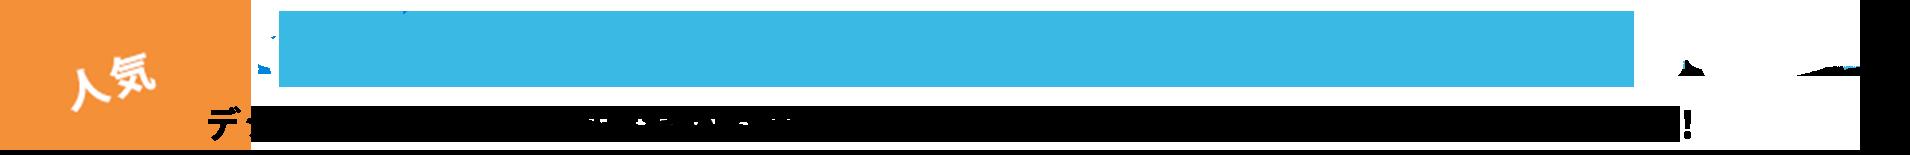 デジマナ デジタルマーケティング基礎プログラム デジタル時代を生き抜くための基礎知識を、業界トップクラスの講師が動画で講義!